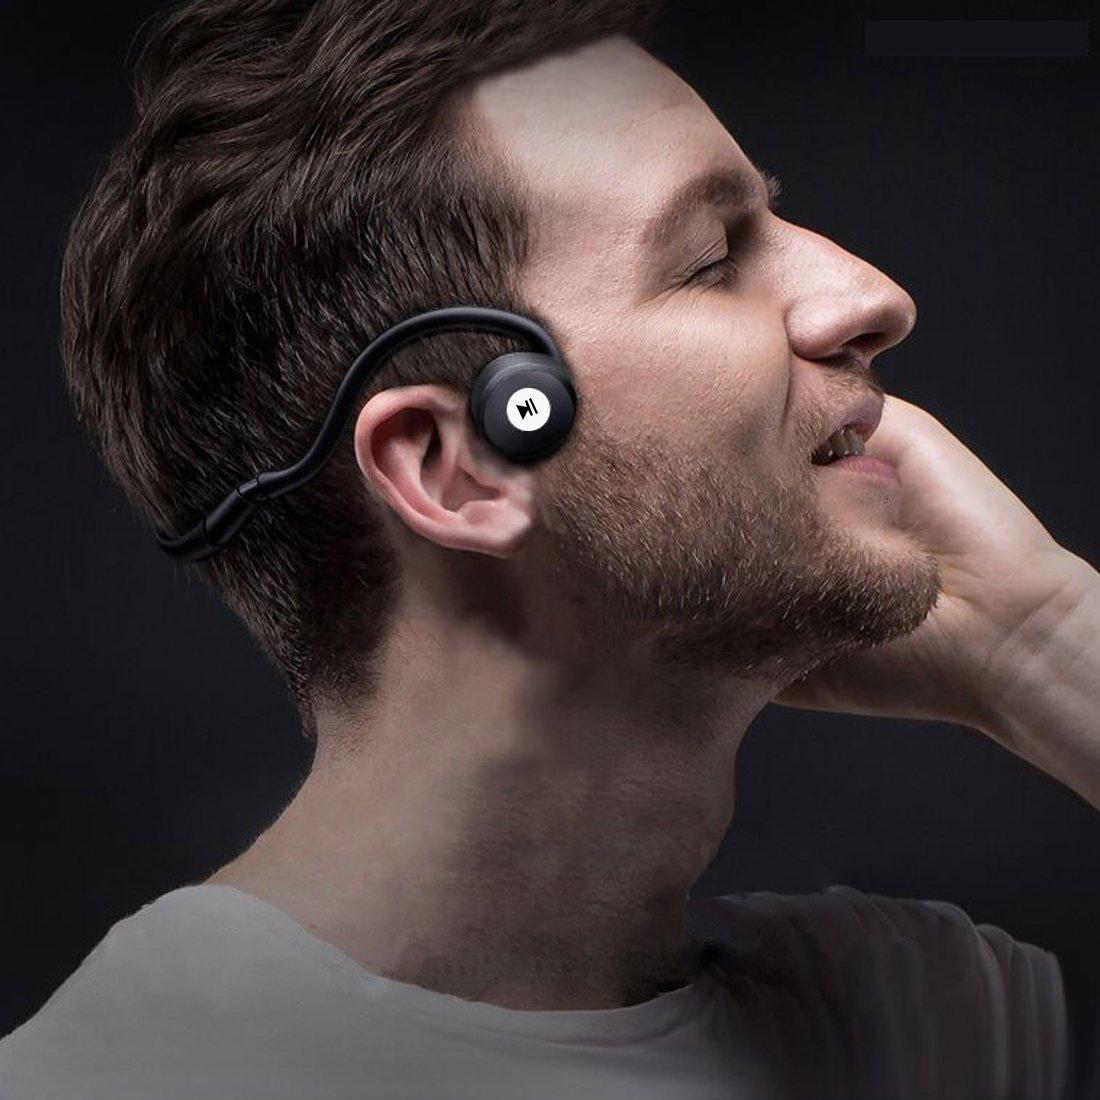 コノビヤ 骨伝導 ヘッドホン Bluetooth 高音質 スポーツ 防滴マイク付 ハンズフリー通話 日本語説明書